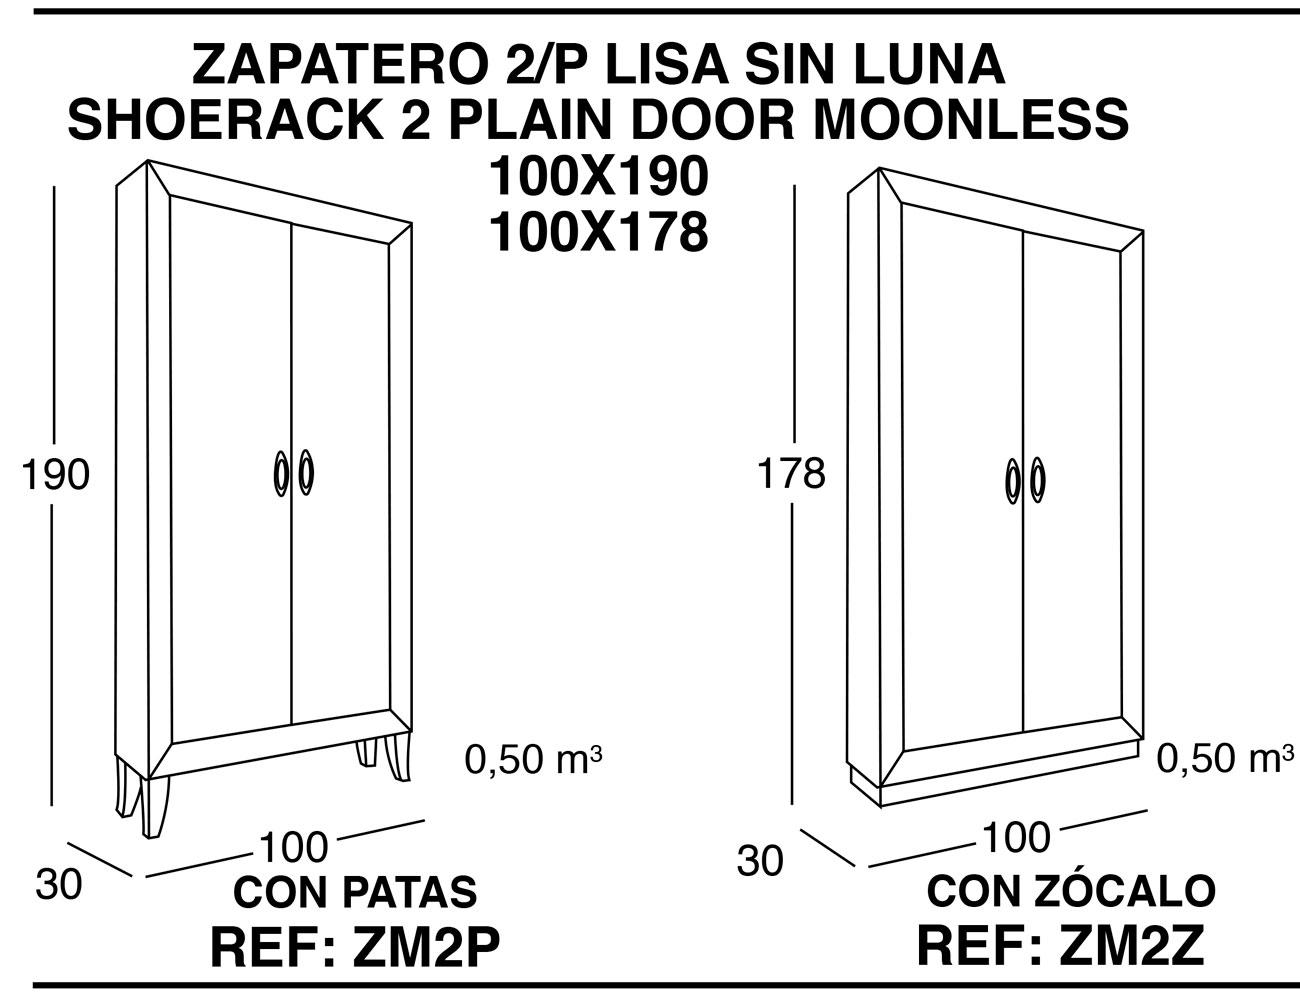 Zapatero 2p lisa sin luna